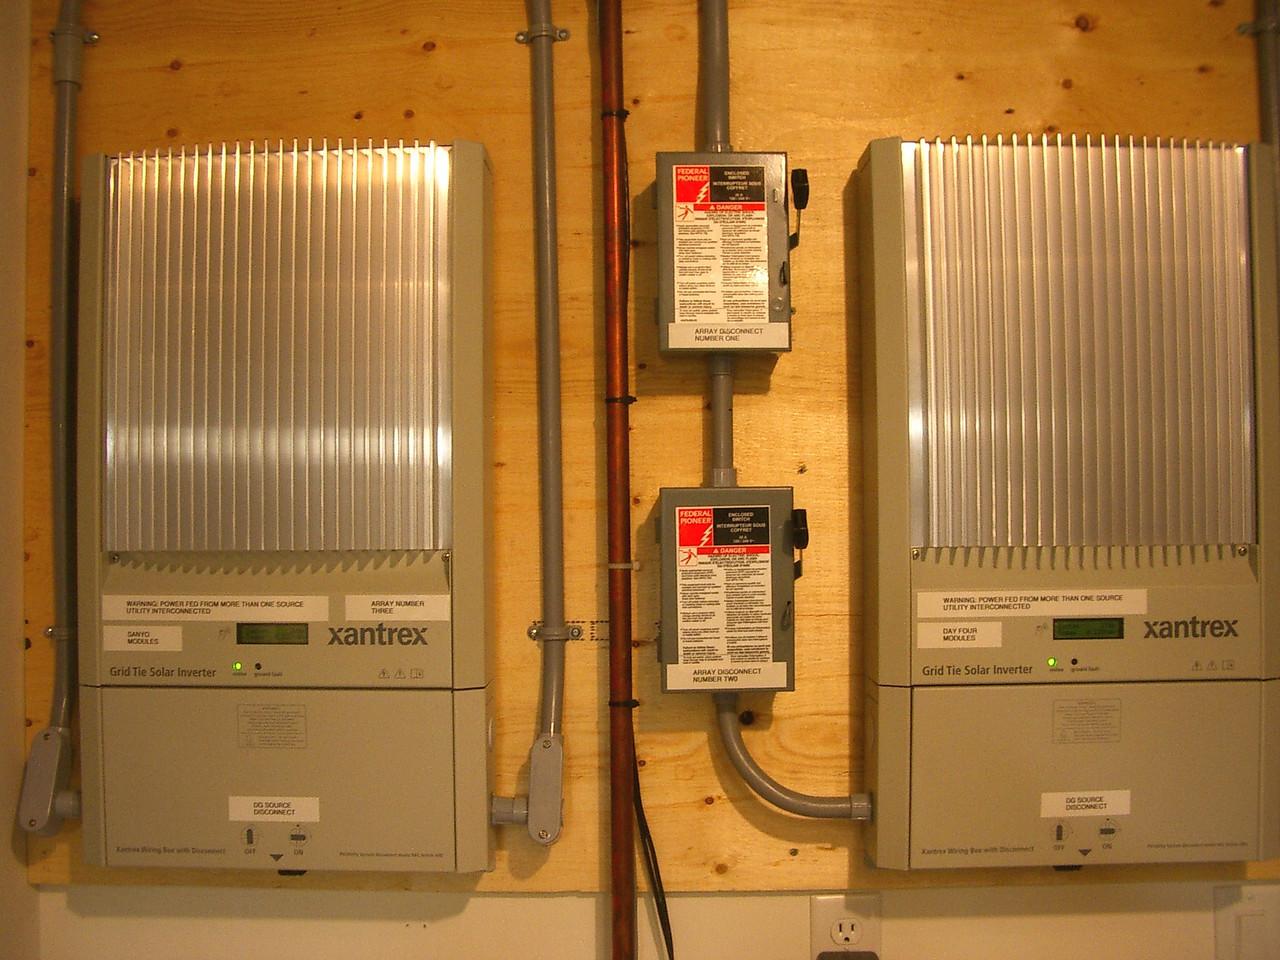 2 Xantrex GT 3.3 inverters in the basement.